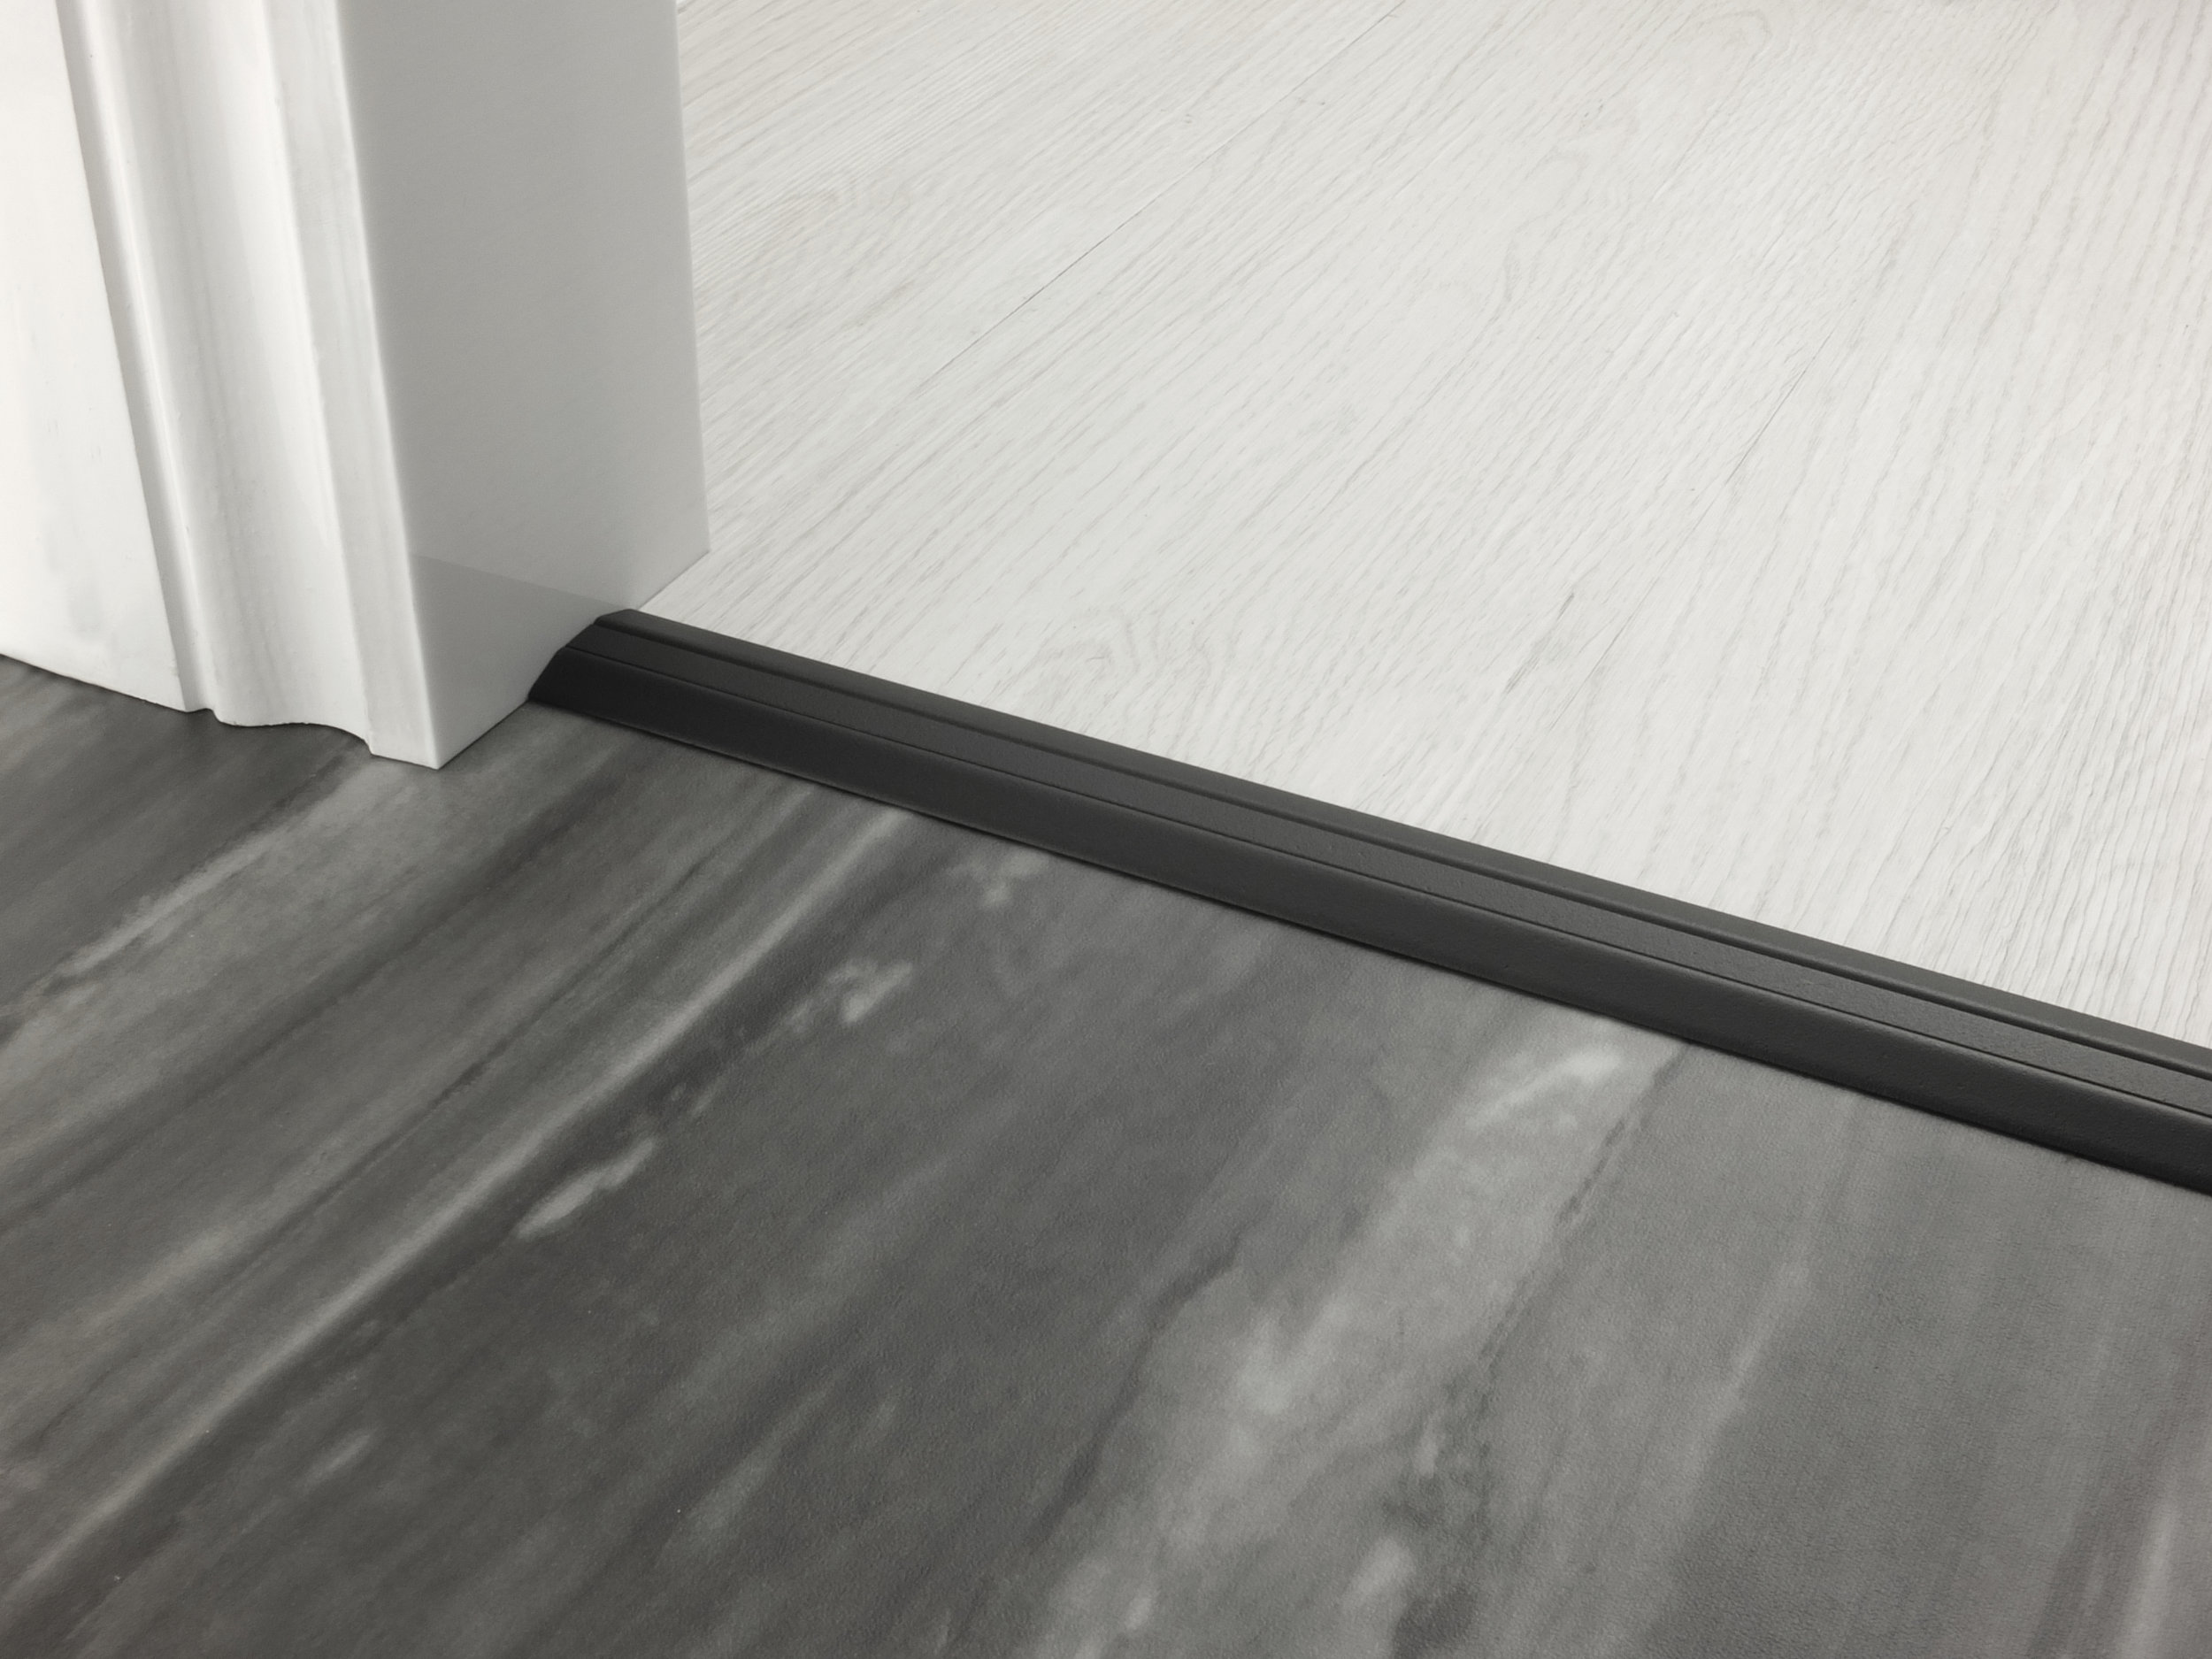 stairrods-doorbar-black-posh-30-HTH.jpg